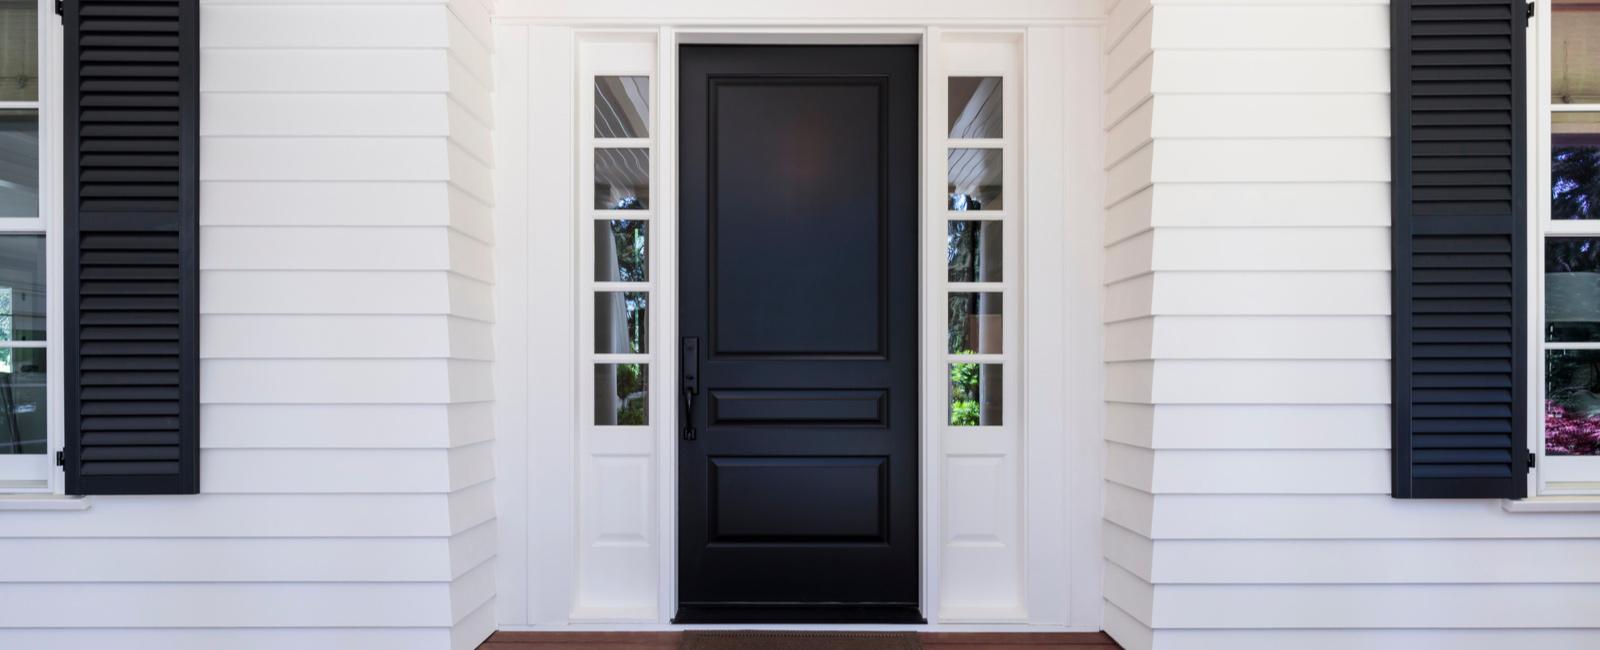 réparer porte d'entrée